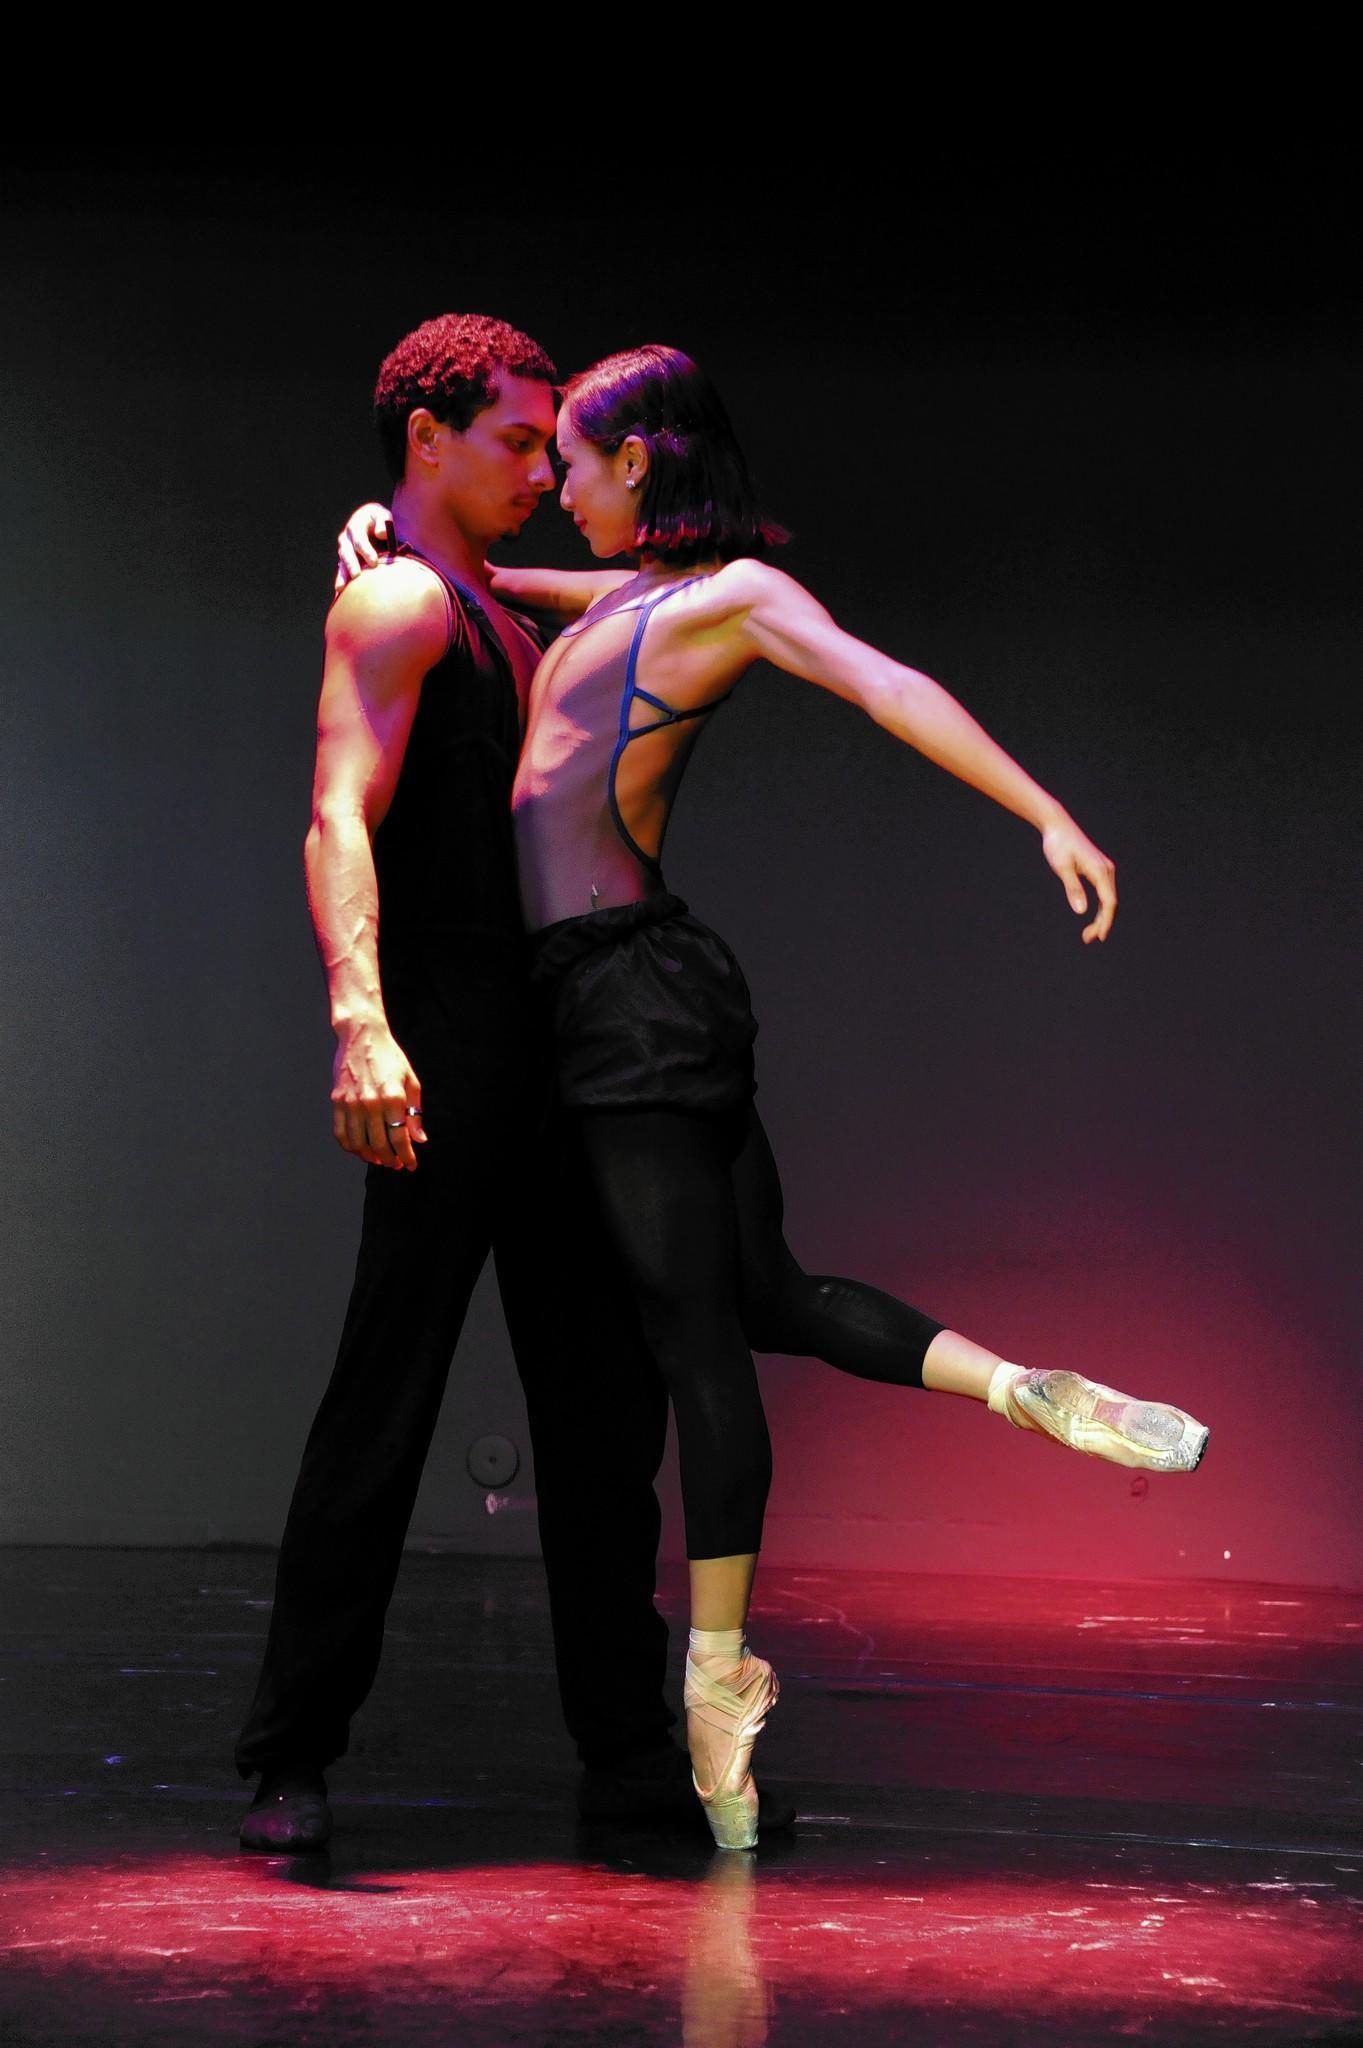 Orlando Ballet dancers Lamin Pereira and A reum Chung.